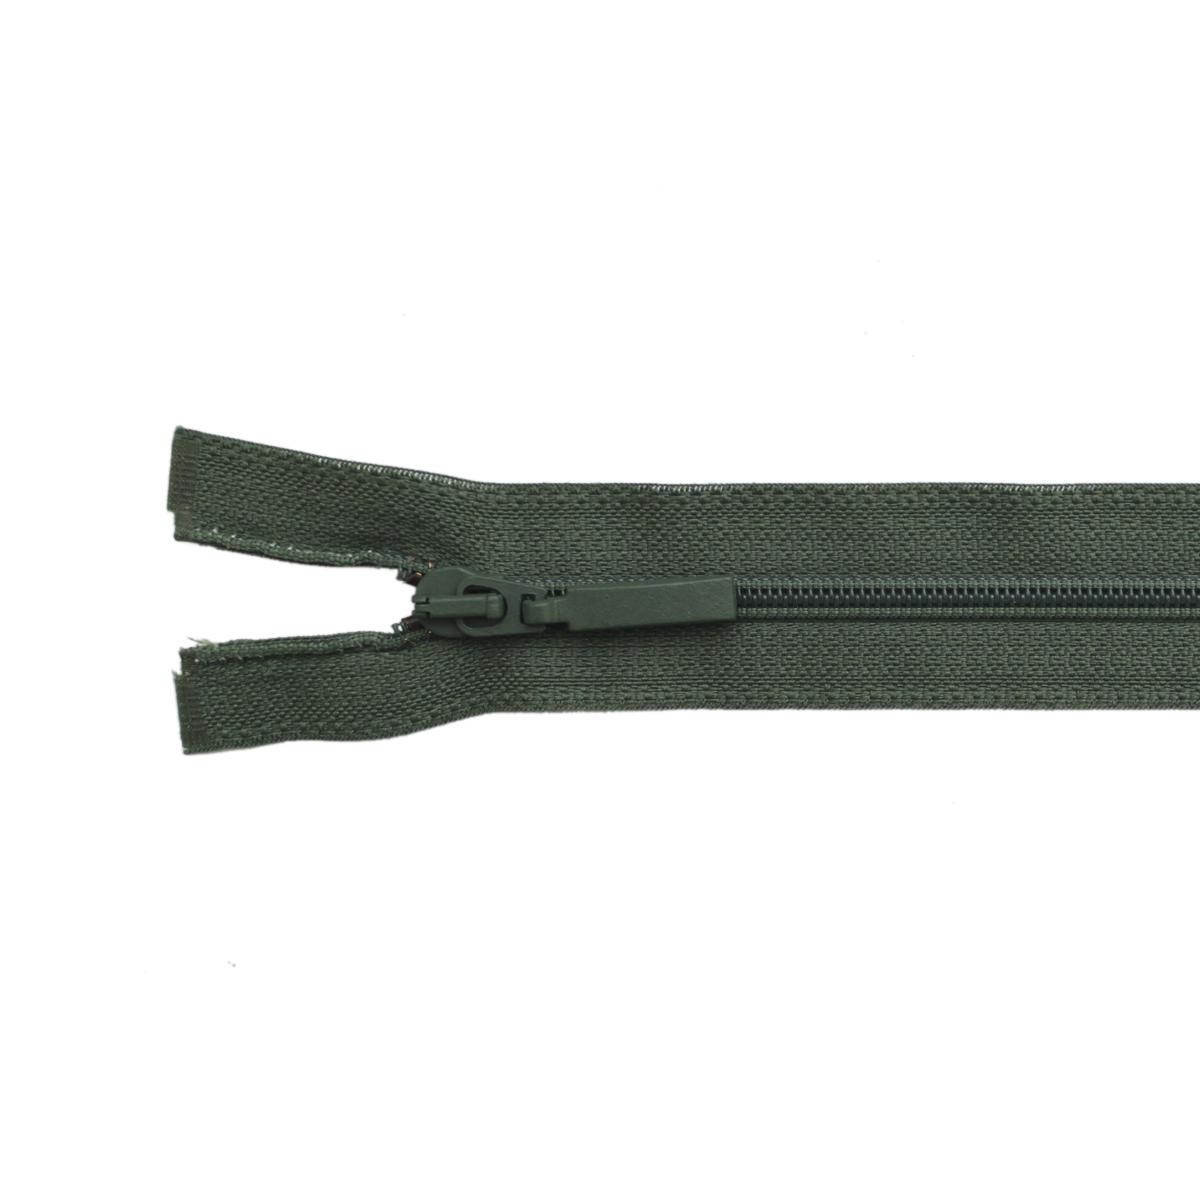 Застежка-молния витая Arta-F, цвет: хаки (870), 80 см25380-870Продукция ARTA-F сертифицирована на Российский, Британский и Латвийский стандарт. Фурнитура ARTA-F изготавливается из европейских материалов, на современном оборудовании, в соответствии с высокими требованиями стандартов. Вся продукция фабрики проходит тесты на качество.Звено застежки-молнии Экстра имеет боковые приливы, которые исключают контакт замка с текстильной лентой, а сокращенный до минимума зазор между замком и приливами звена предохраняет от возможности попадания в замок подкладки, меха, нитей. В то же время эти меры повышают прочность застежки при высоких нагрузках, особенно на изгиб. Применение таких приливов на молниях ARTA-F не только повышает эксплуатационные качества застежки, но и увеличивает прочность крепления звена к ленте, и продлевает срок службы застежек-молний ARTA-F. Такая застежка-молния безопасна, легка в использовании и не повредит одежду.